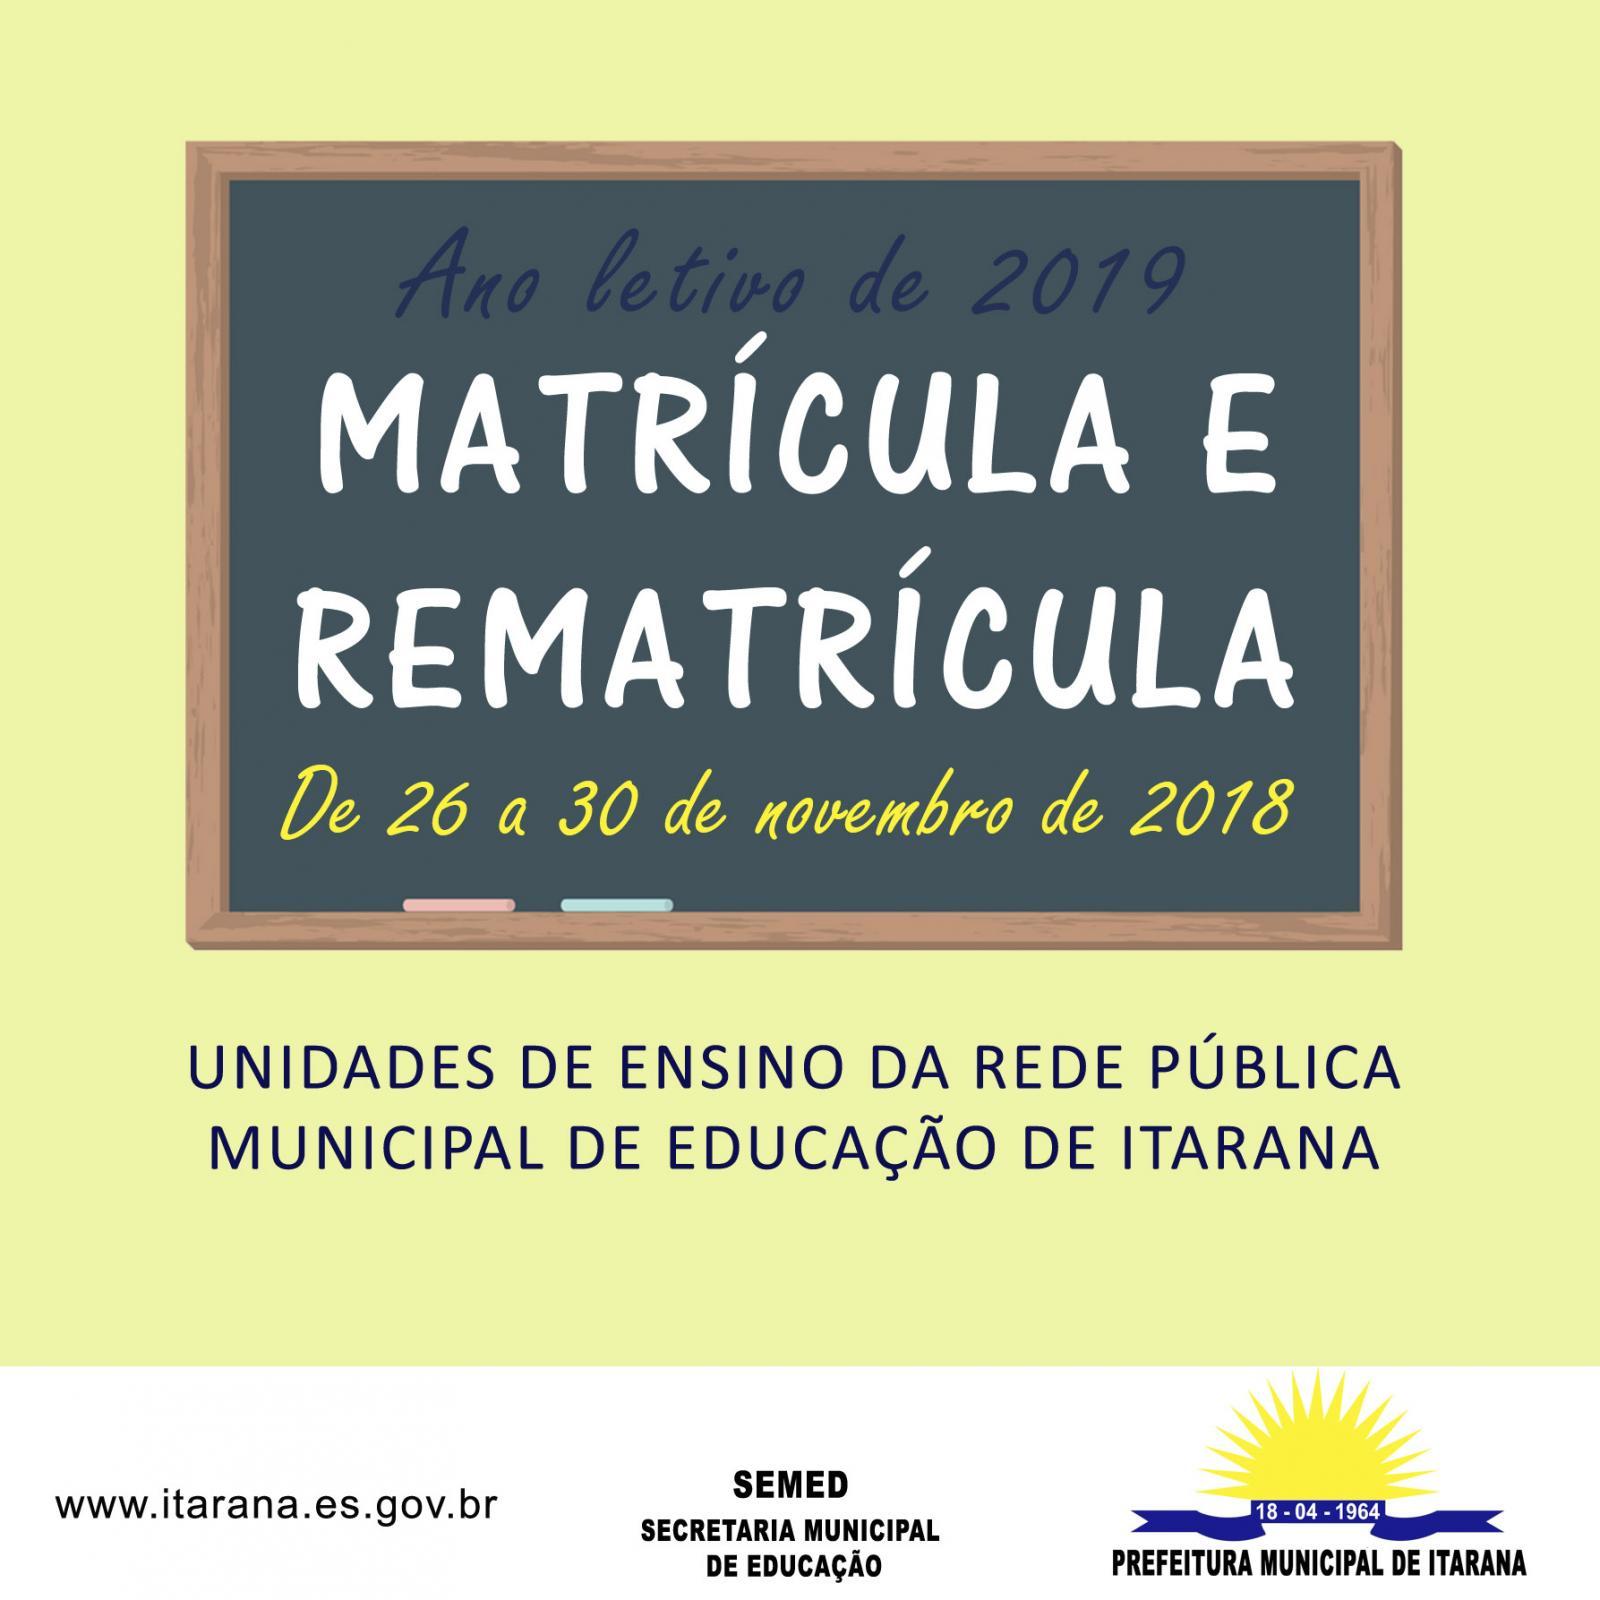 Período para matrícula e rematrícula da Rede Municipal de Educação vai de 26 a 30 de novembro